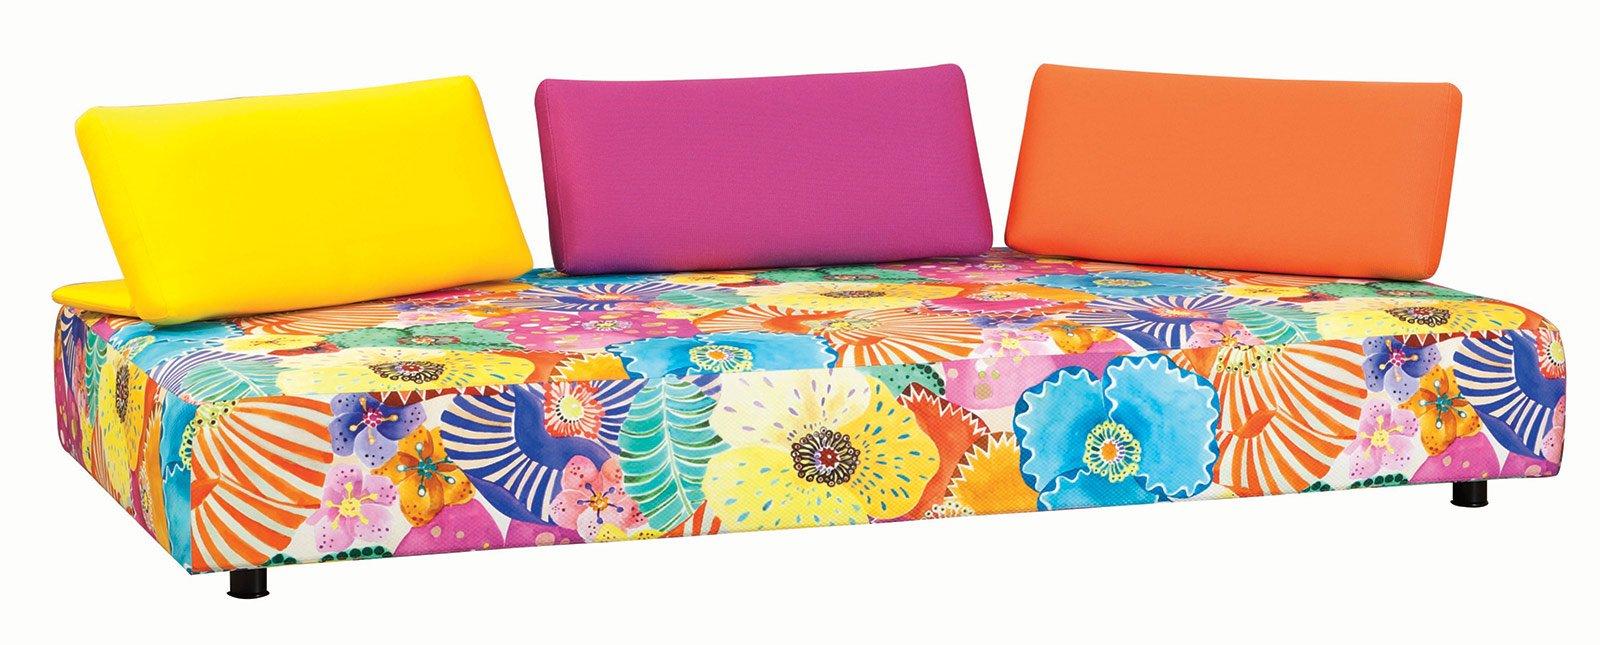 Far salotto in giardino o in terrazzo cose di casa - Cuscini da divano ...